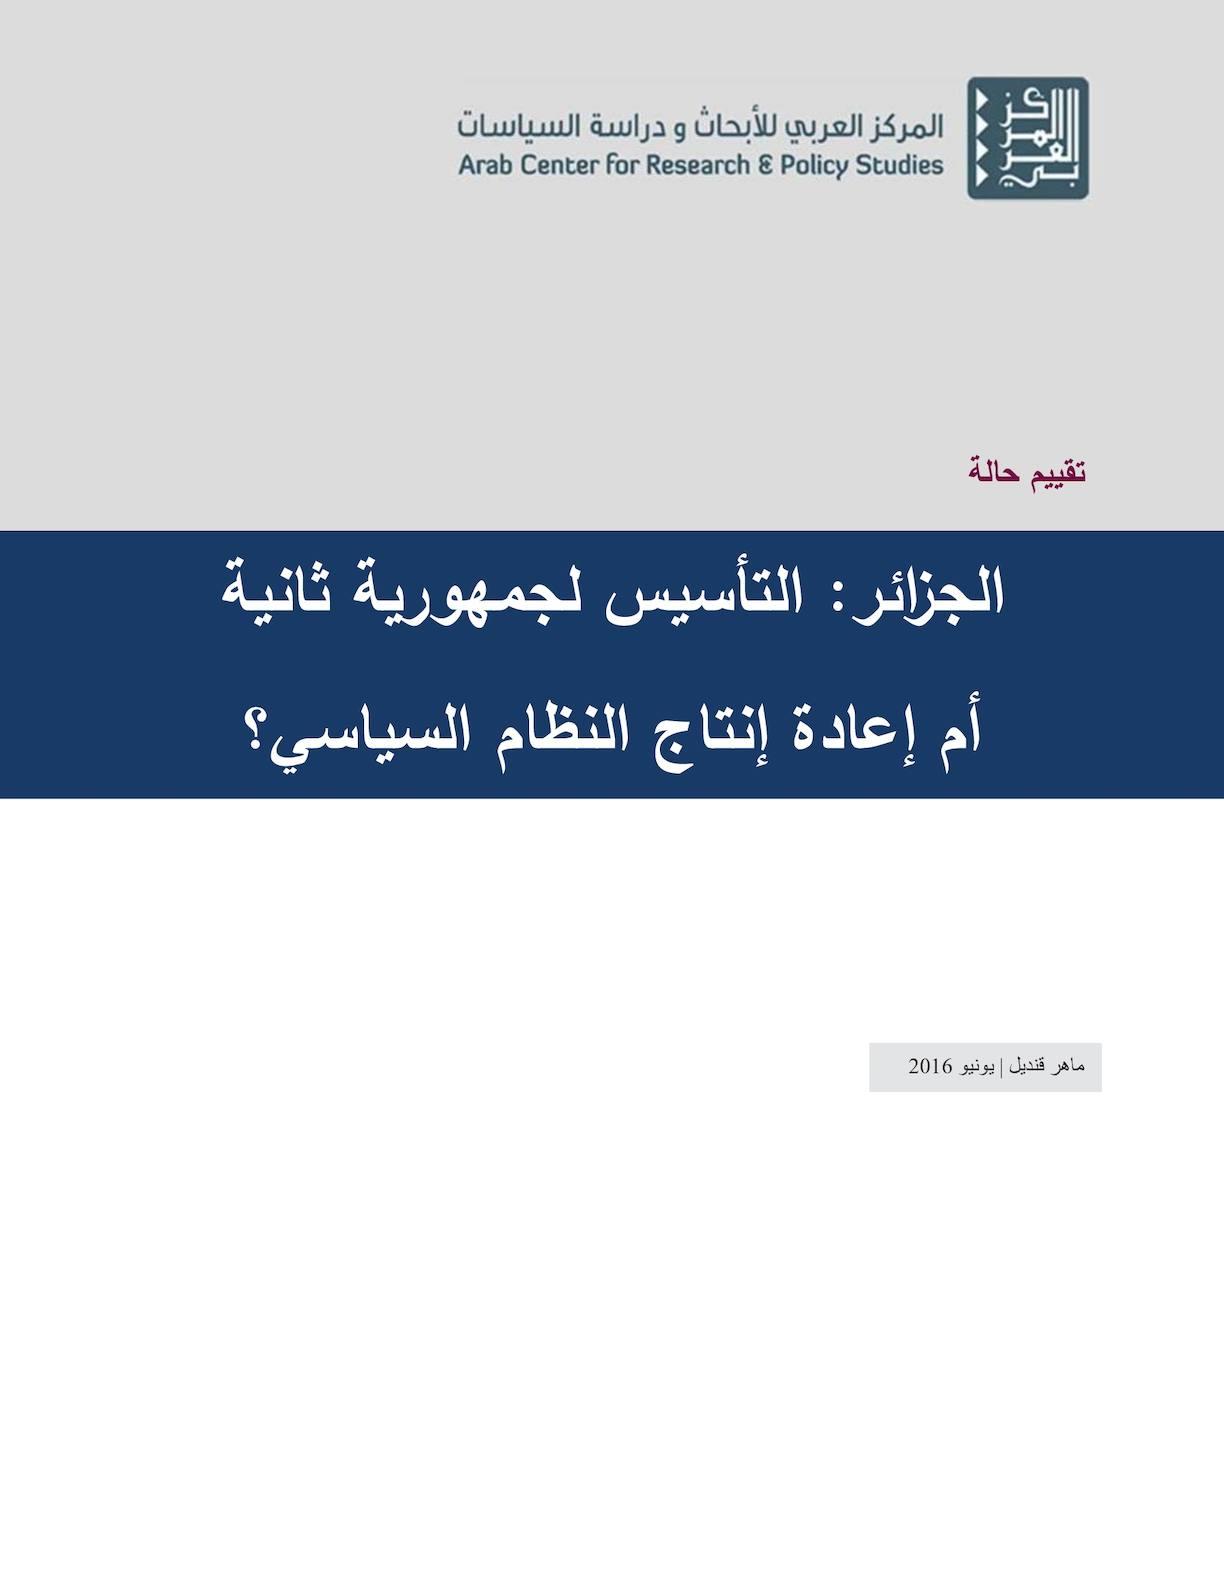 الجزائر، التأسيس لجمهورية ثانية أم إعادة إنتاج النظام السياسي؟